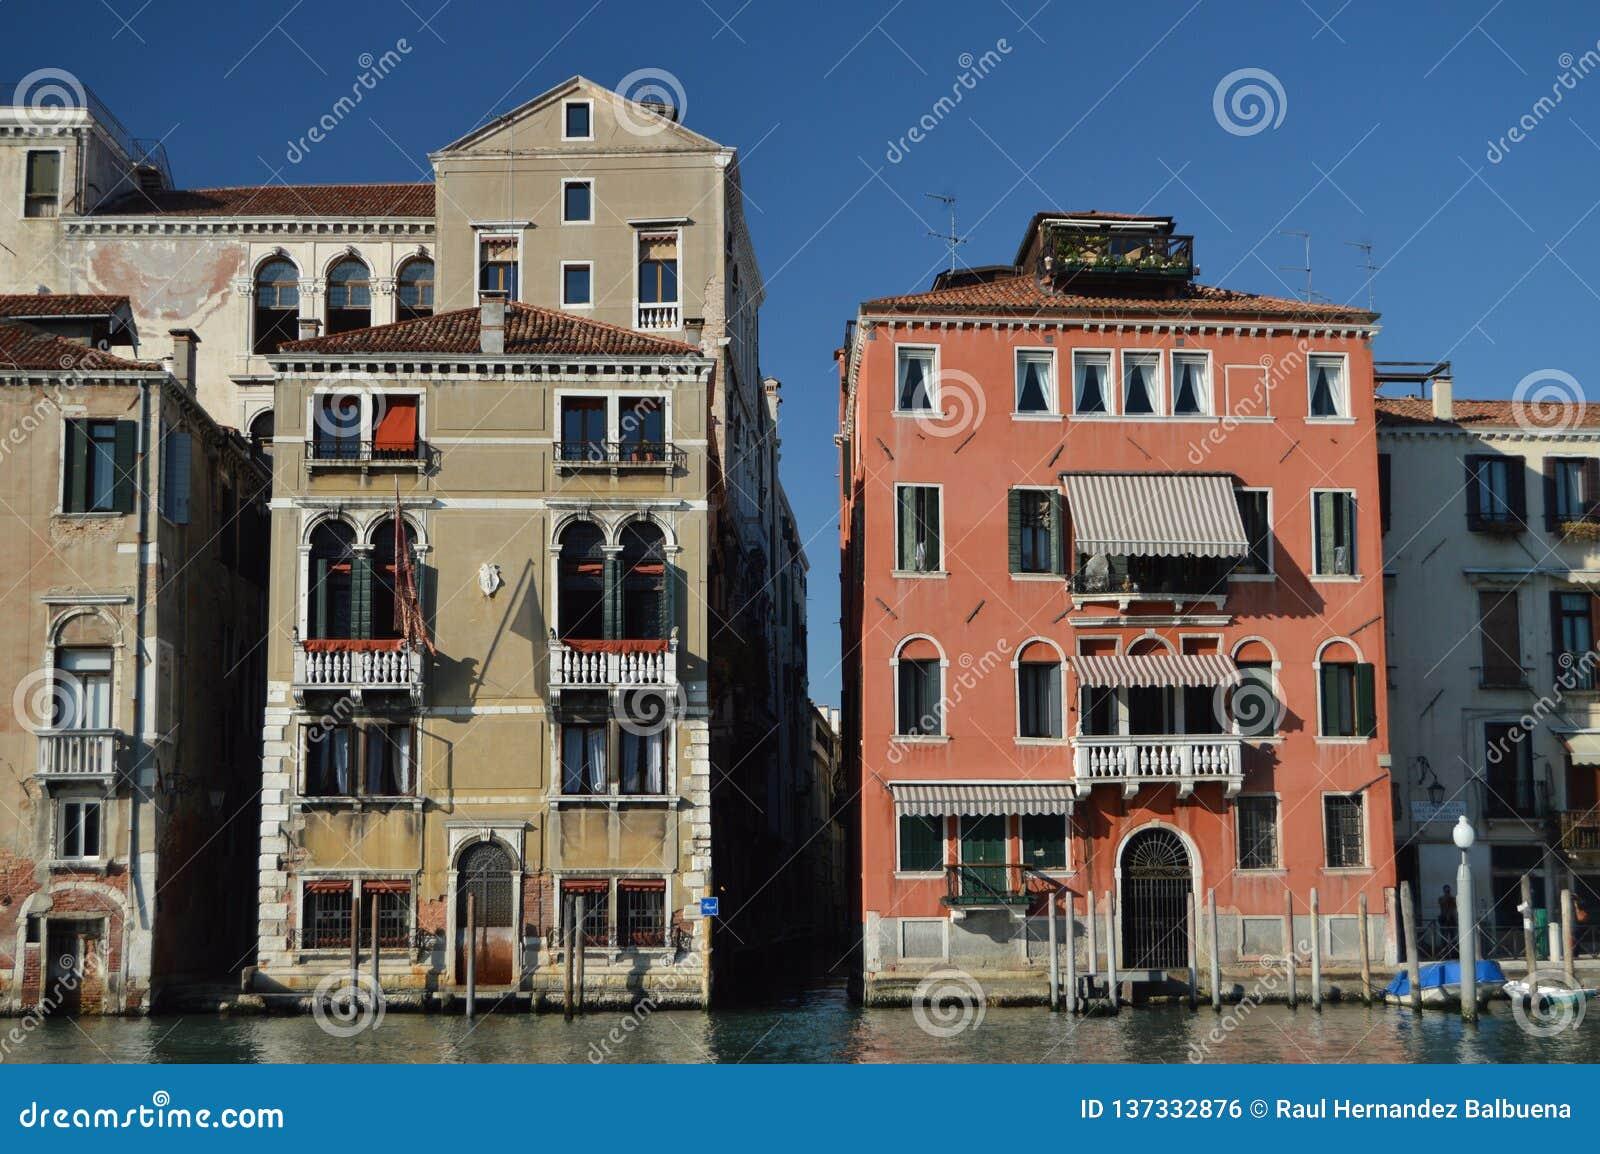 Wunderbares Foto bei Sonnenuntergang Grand Canal s mit seinen malerischen und bunten Gebäuden in Venedig Reise, Feiertage, Archit